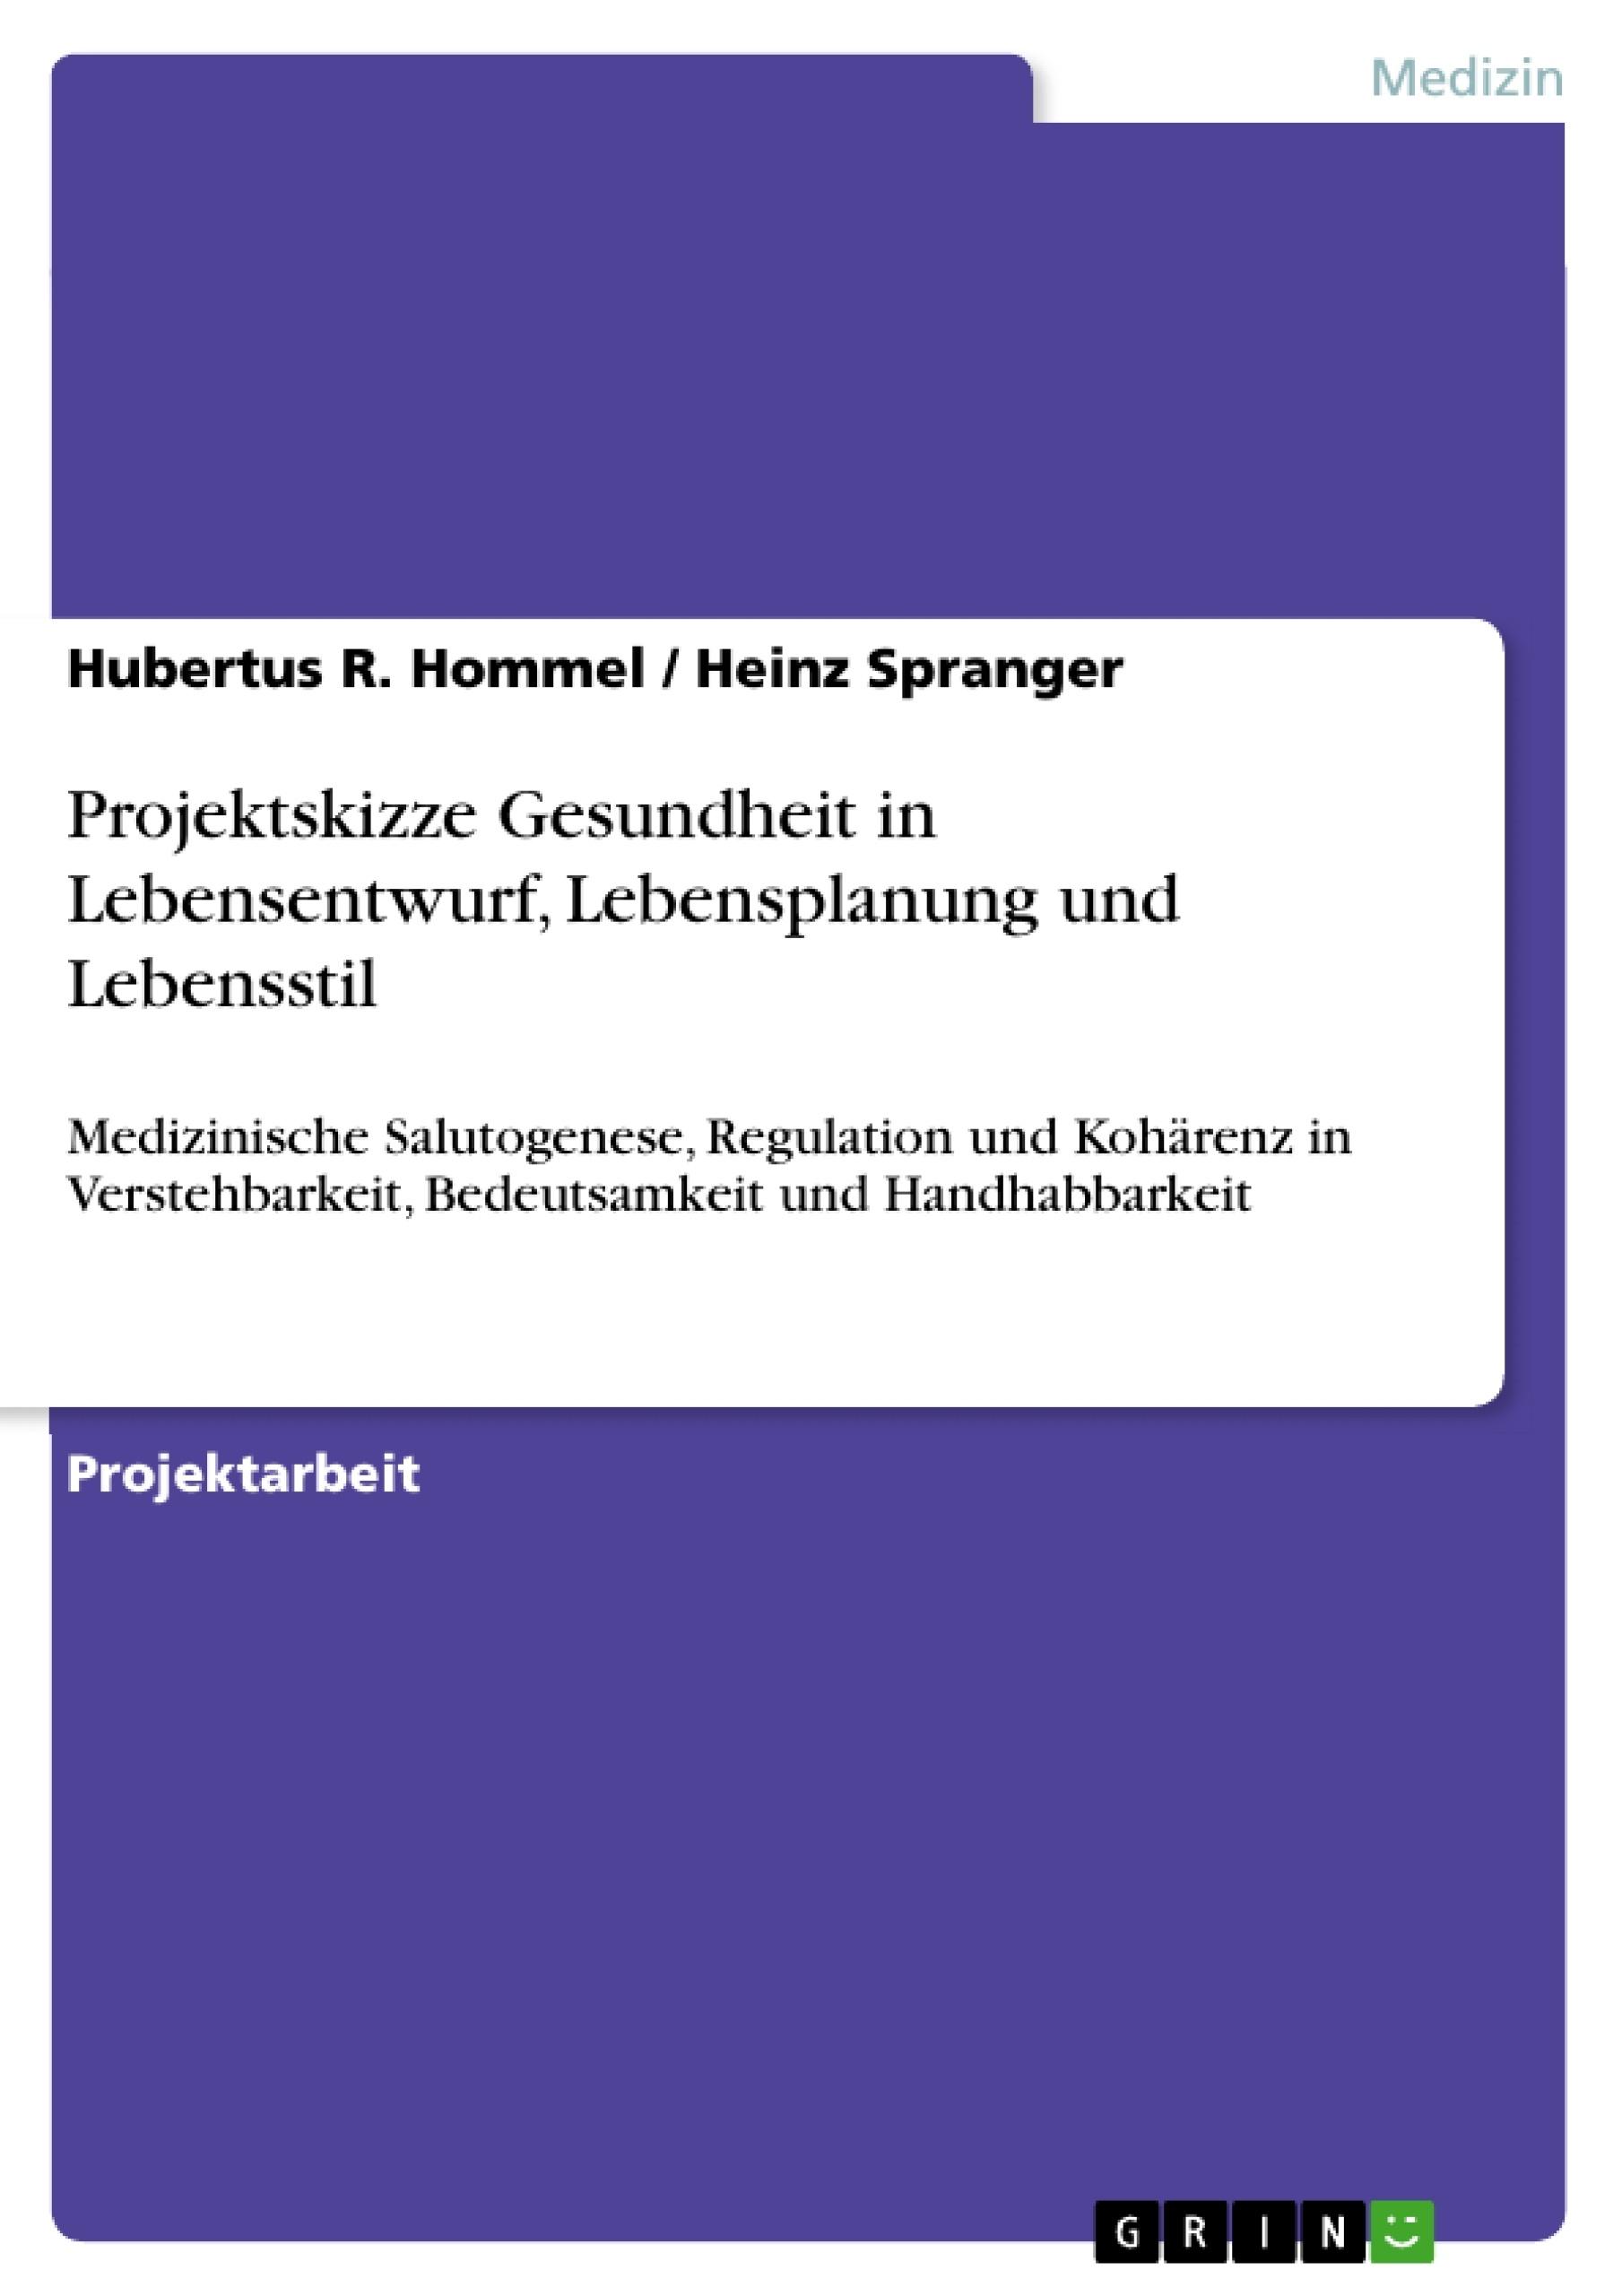 Titel: Projektskizze Gesundheit in Lebensentwurf,  Lebensplanung  und  Lebensstil